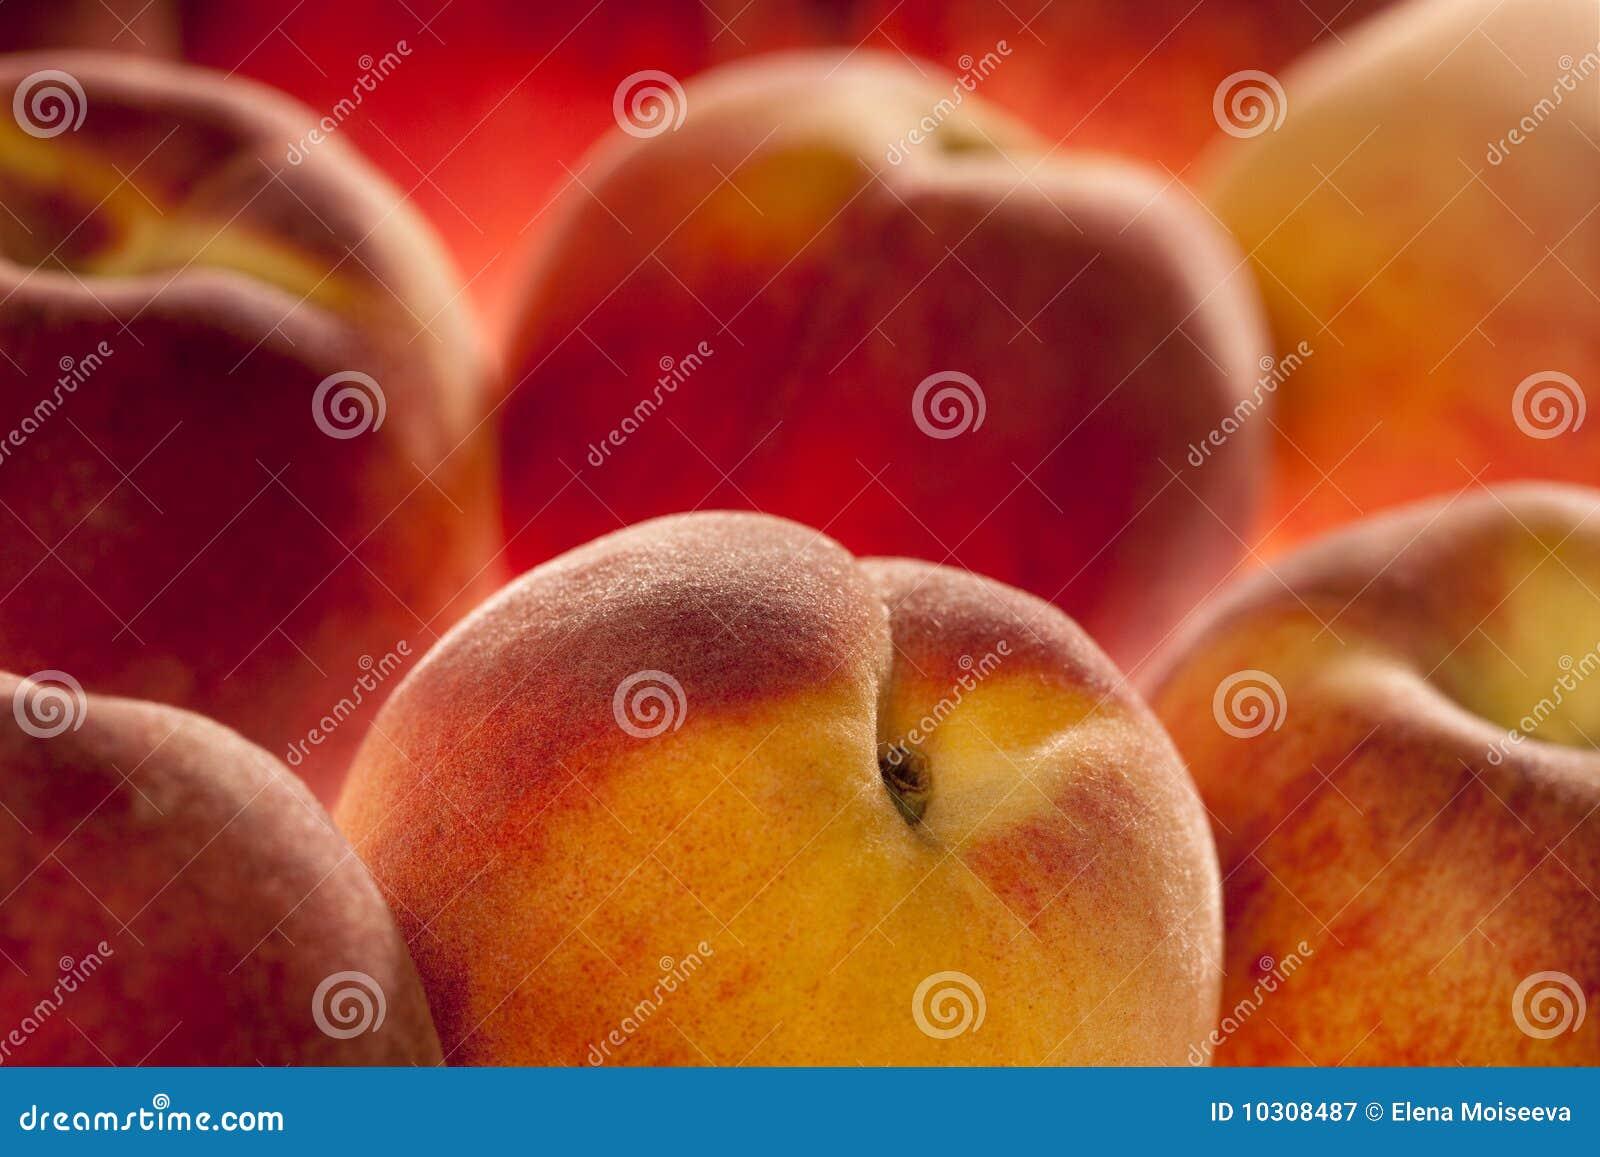 浅背景dof框架充分的桃子